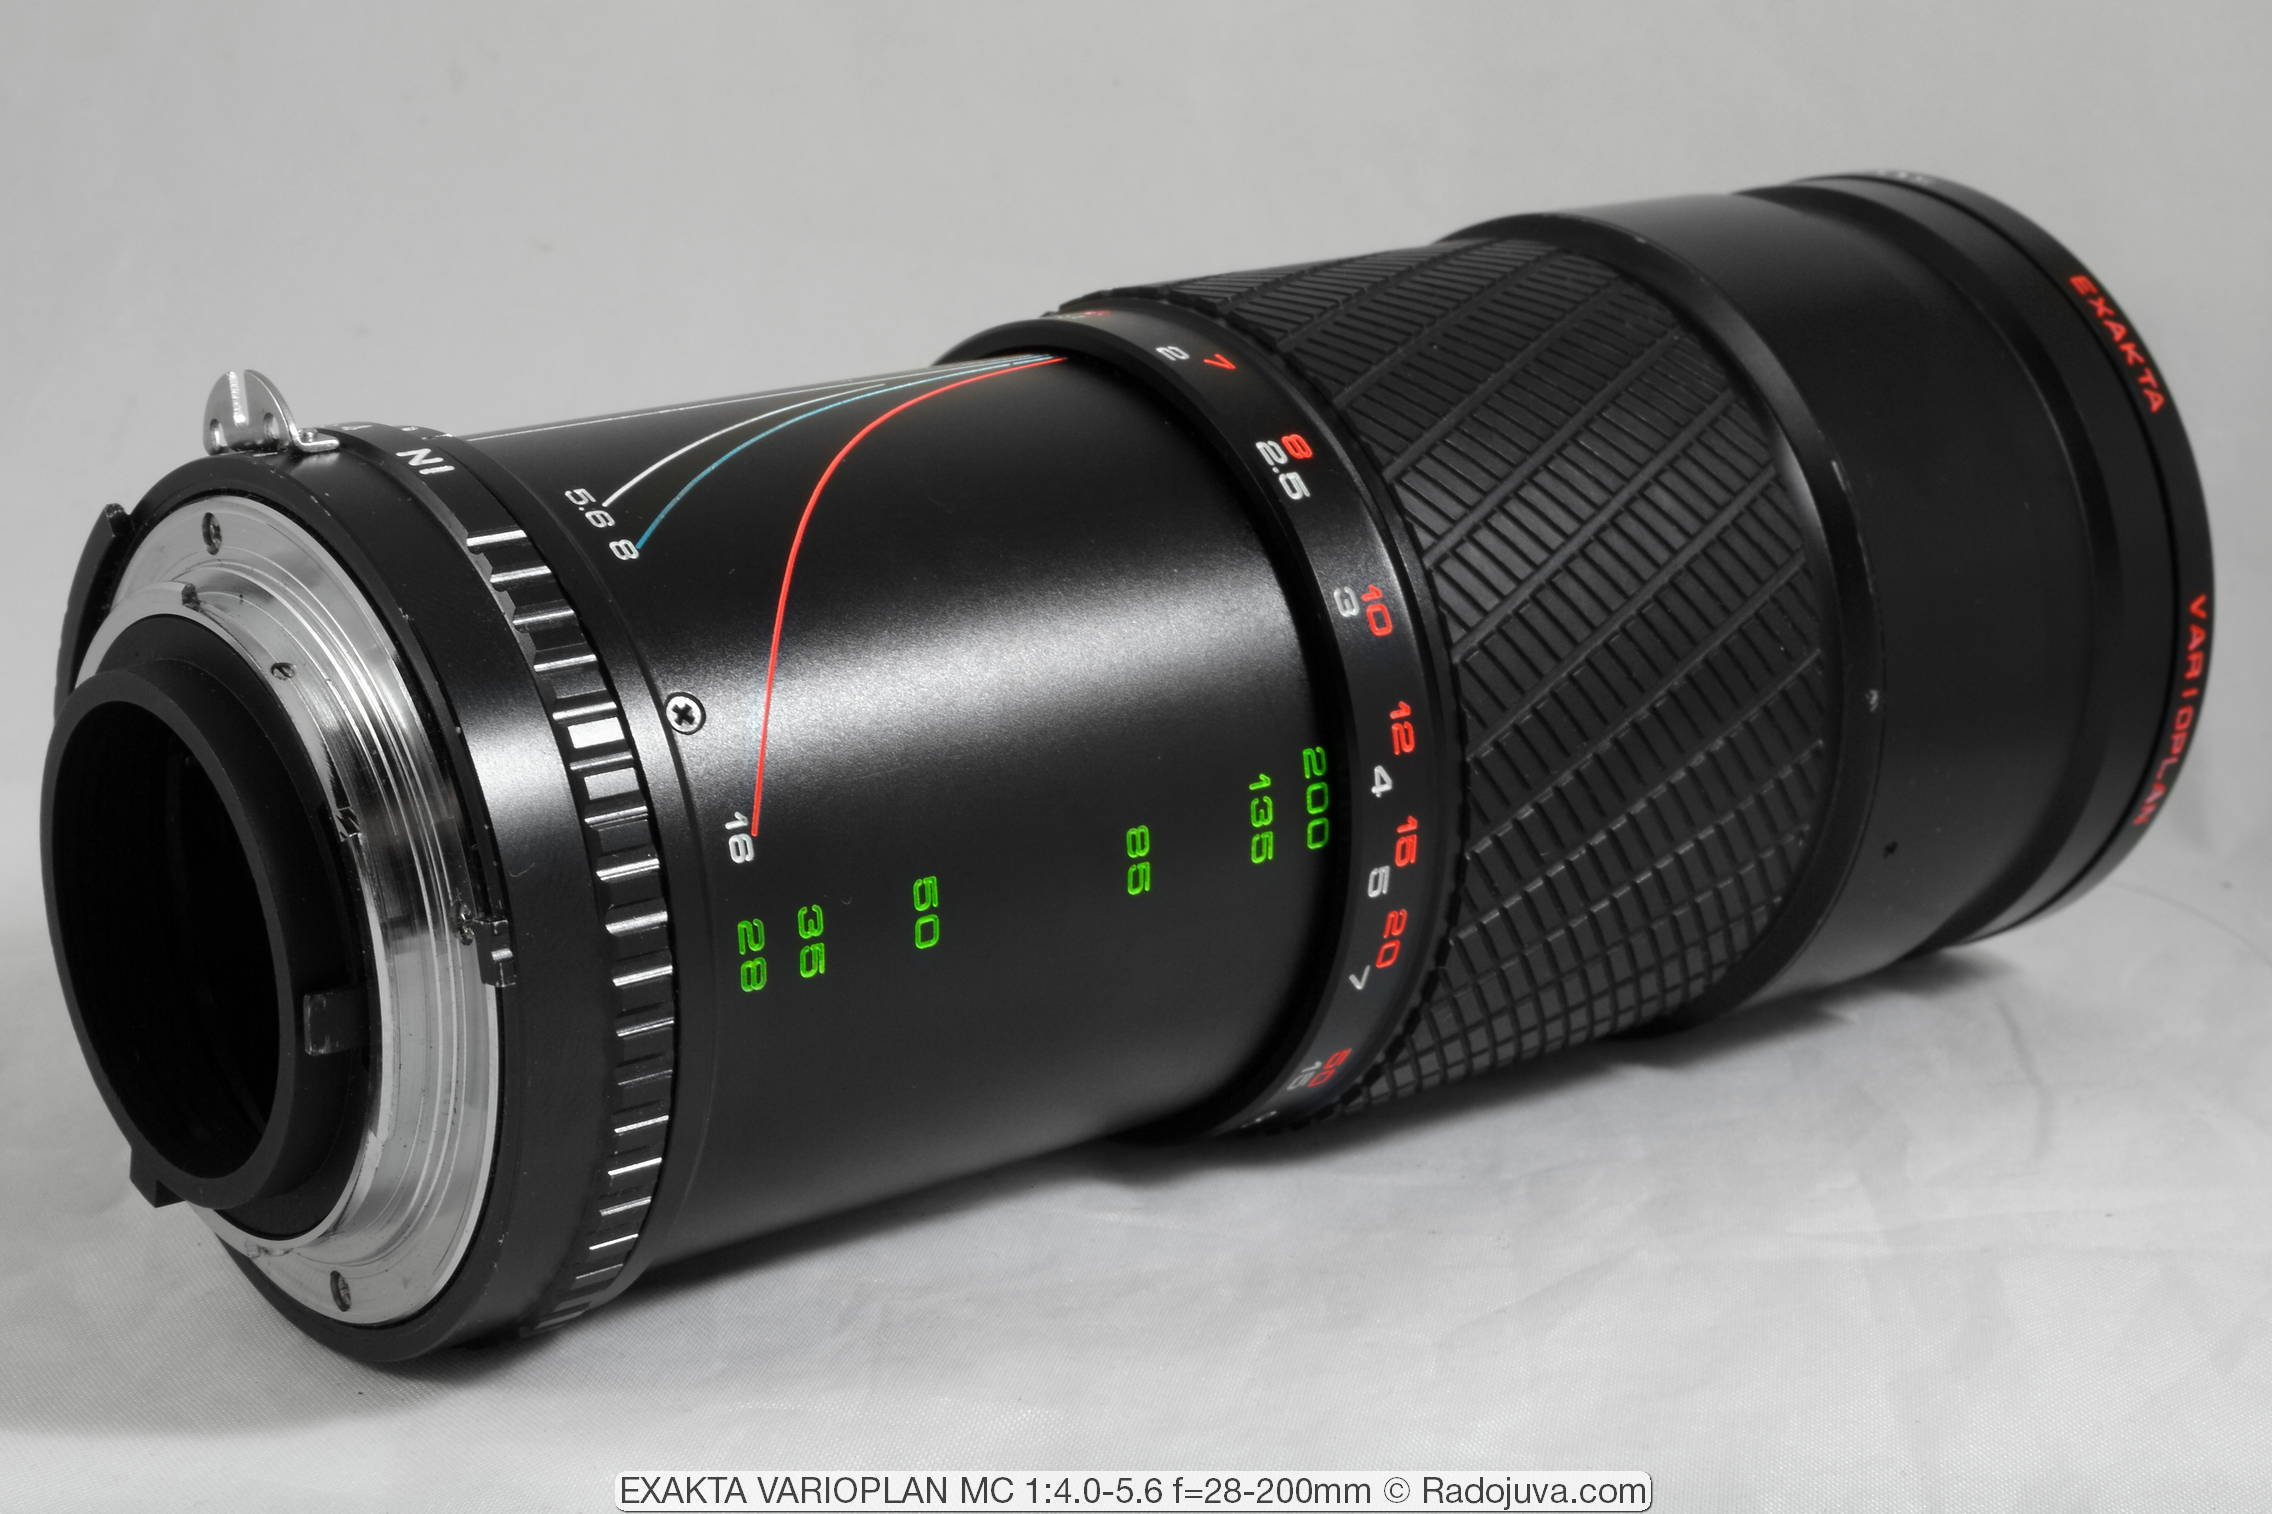 EXAKTA VARIOPLAN MC 1: 4.0-5.6 f = 28-200mm